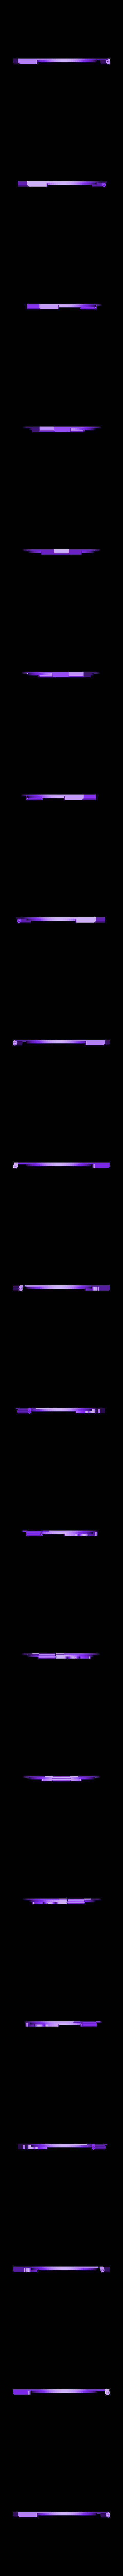 58mm_Flip_Lens_Cap-cap.STL Download free STL file Flip Lens Cap • 3D printing object, CWandT